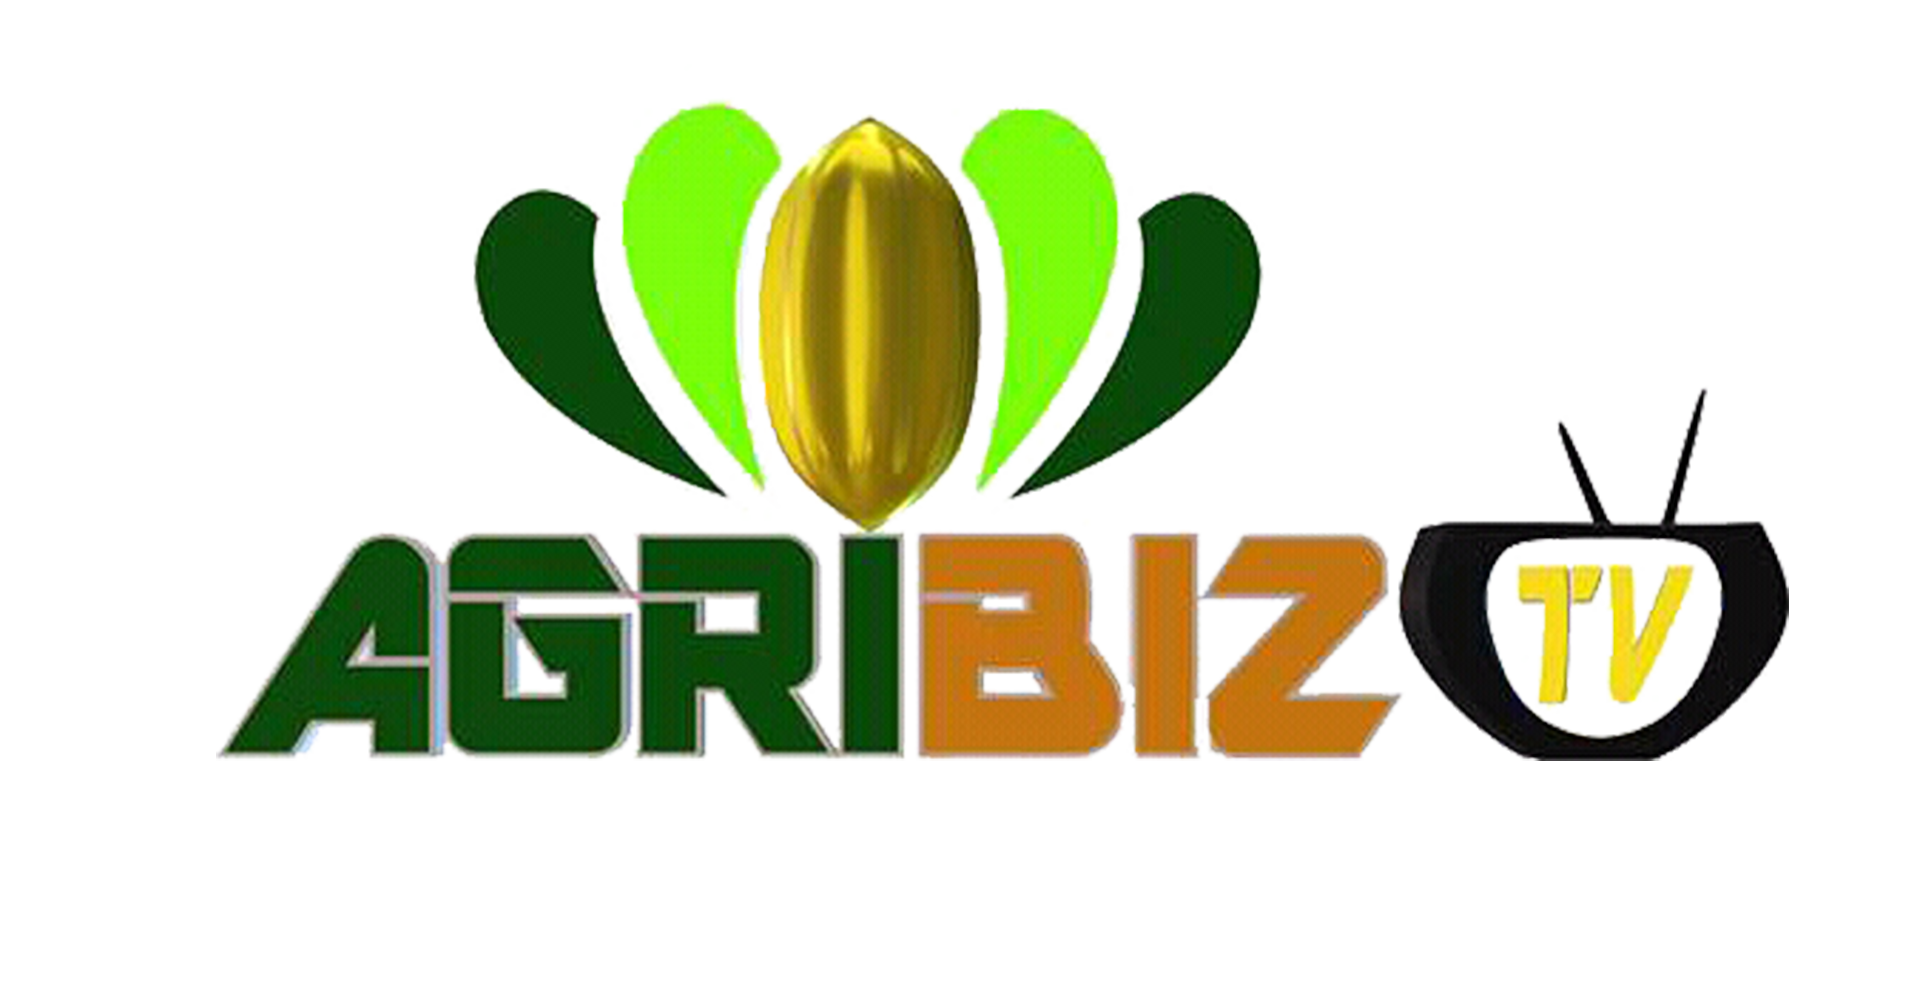 Partners Agribz Tv Logo